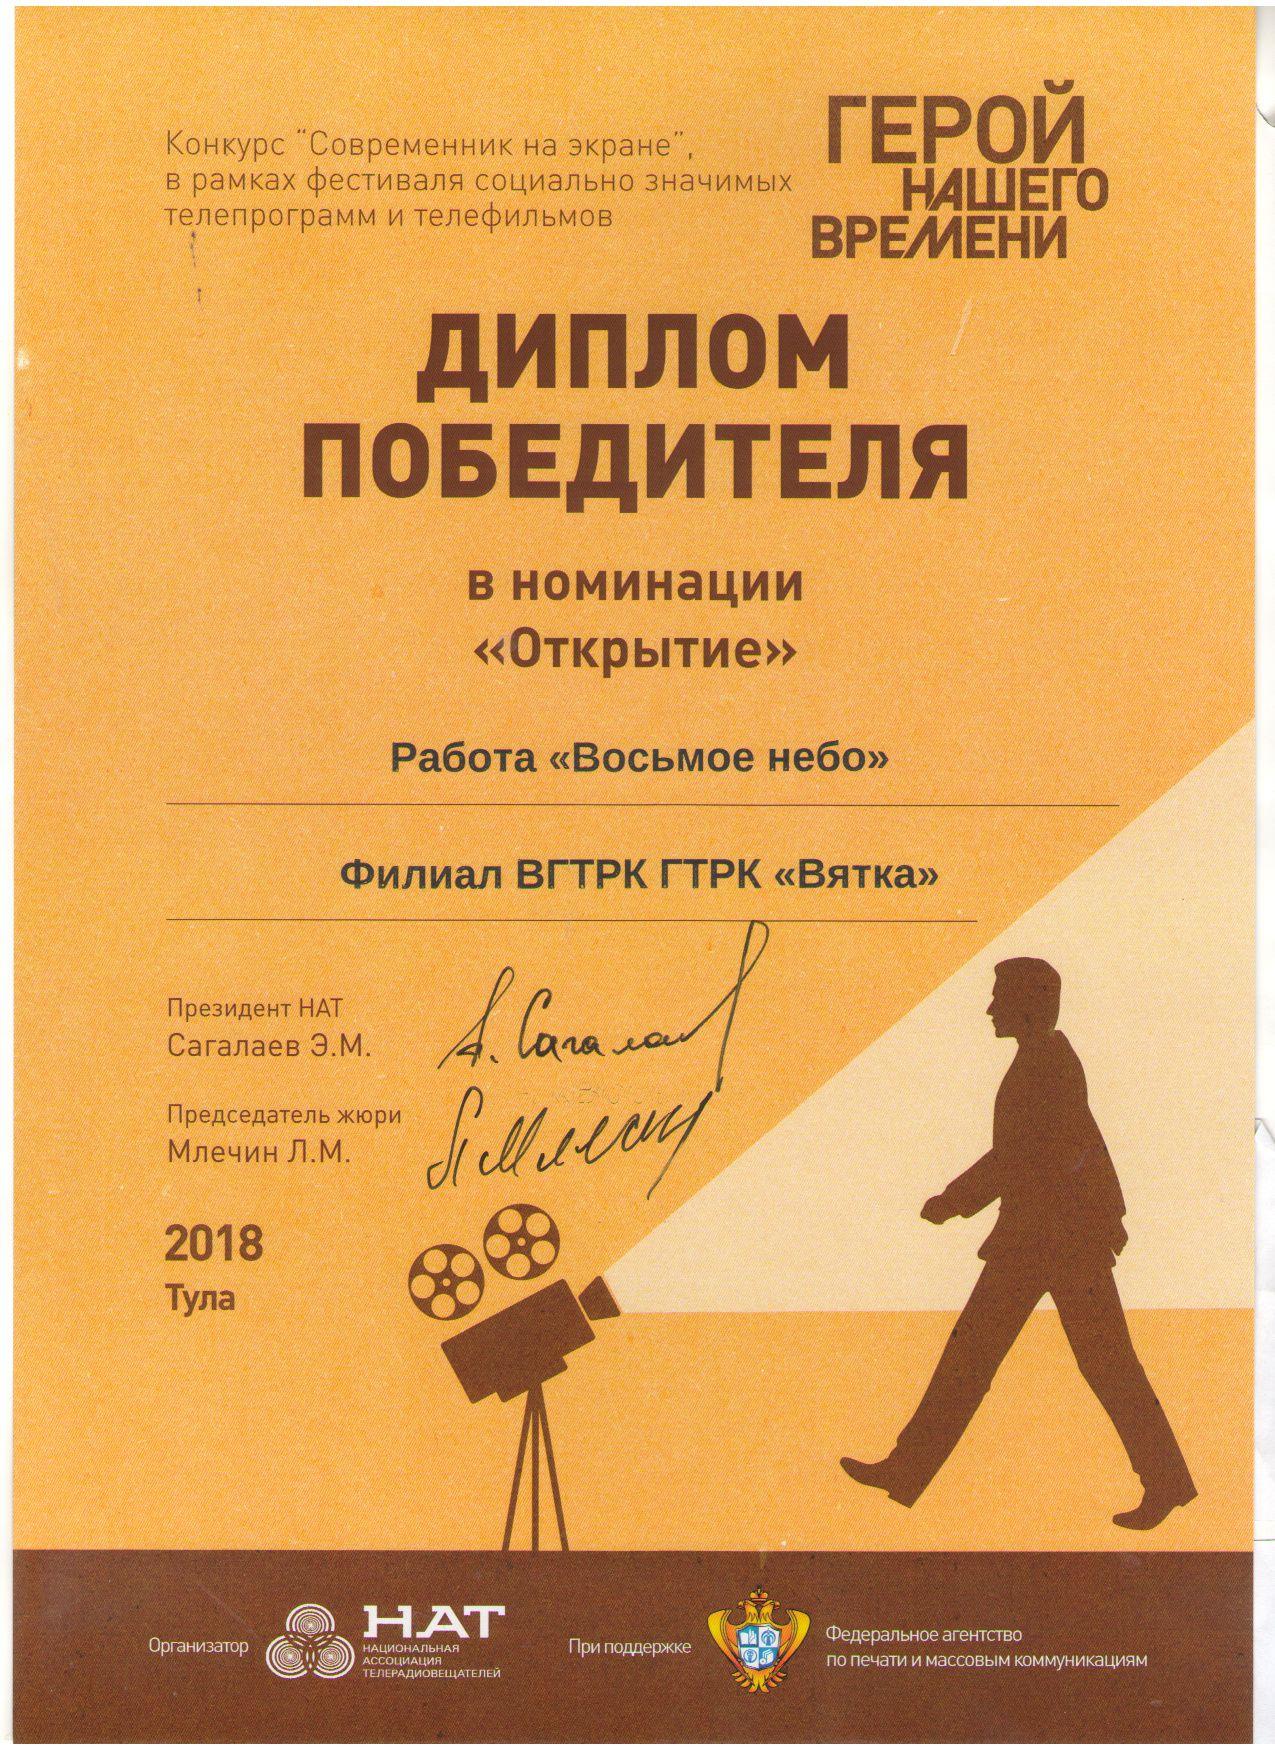 Фильмы ГТРК «ВЯТКА» - признаны лучшими!